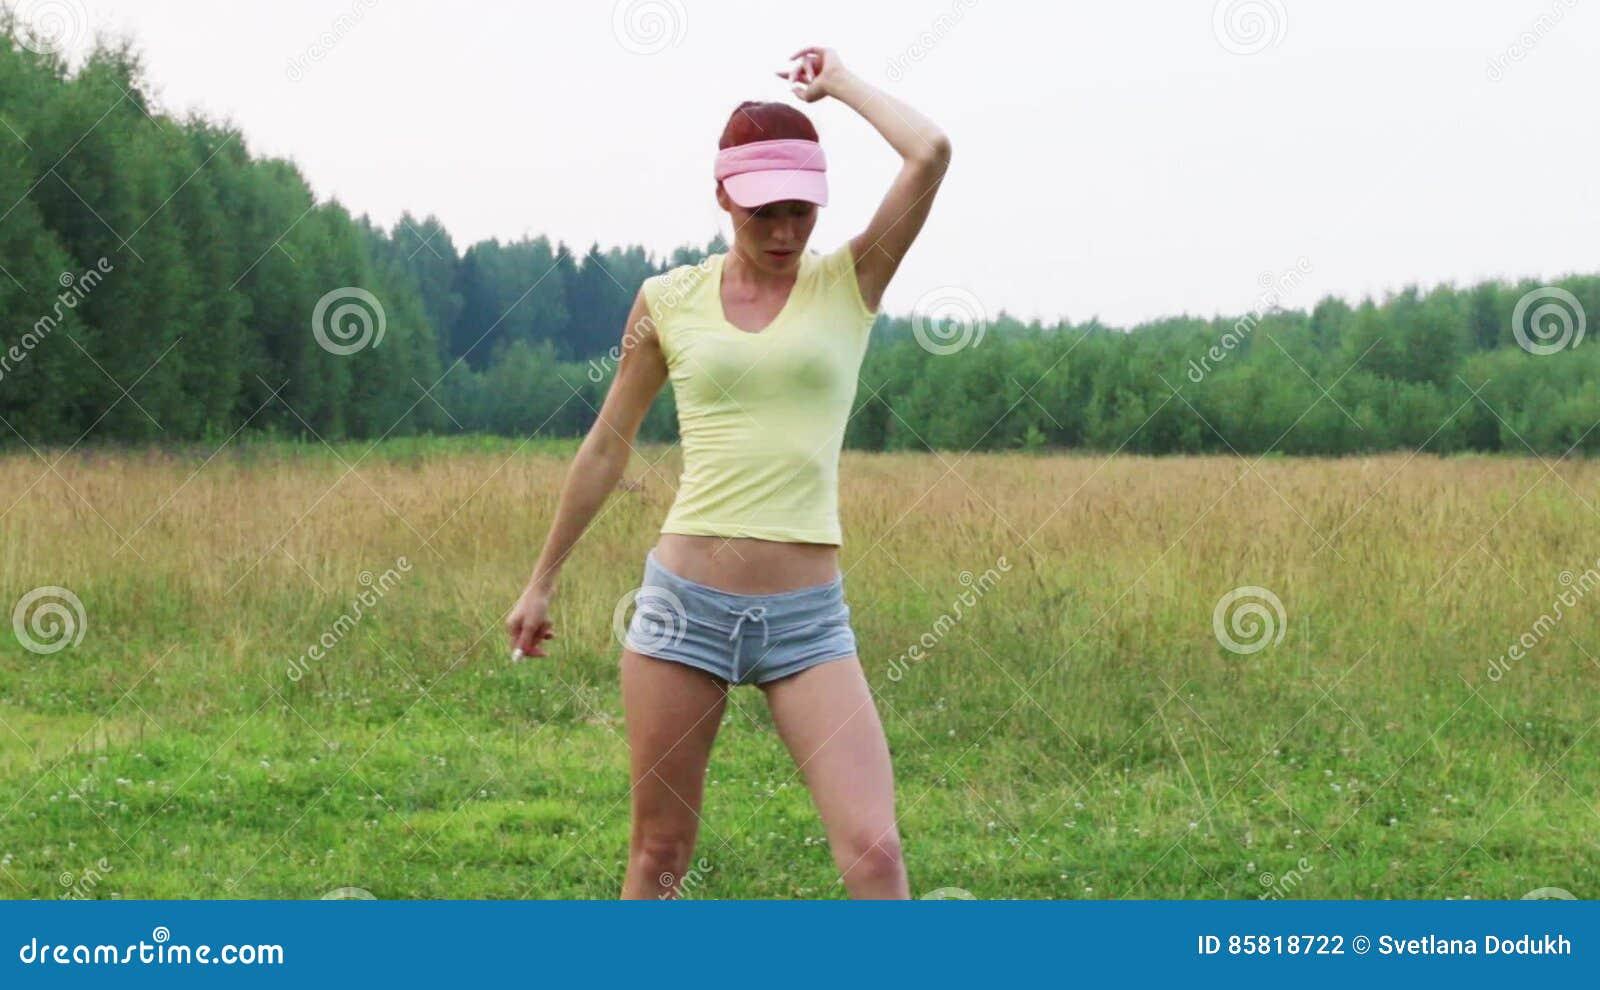 Девушка в шортах танцует